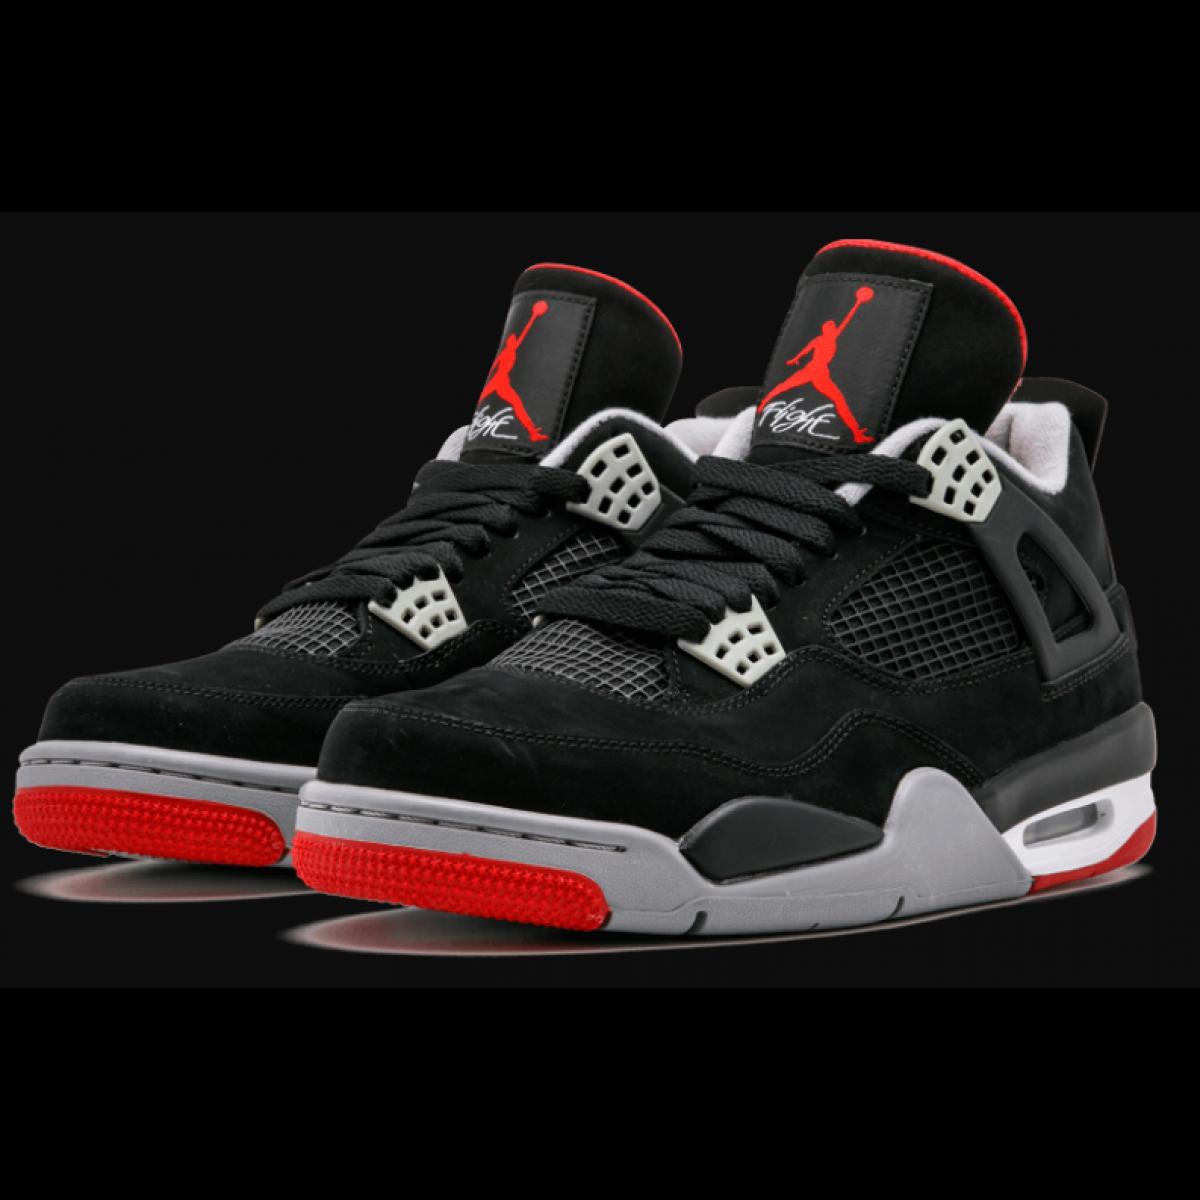 """2d54a287b2b Air Jordan 4 """"Bred"""" Black Gray Red Shoes"""